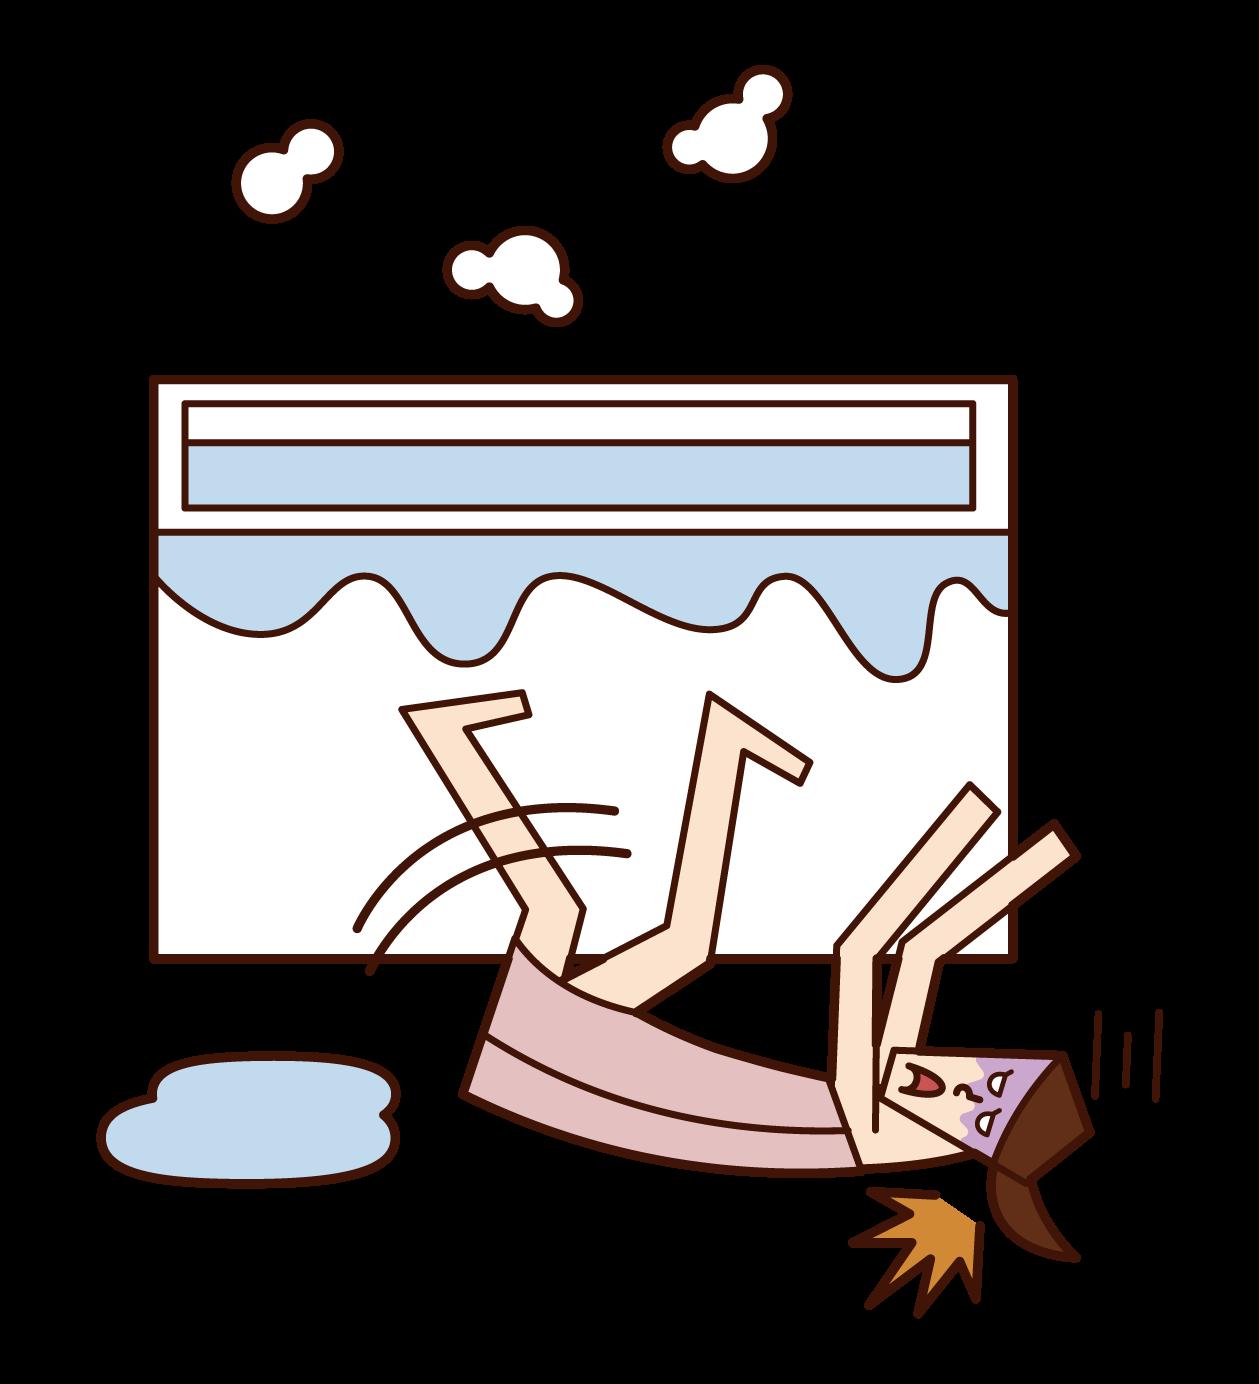 風呂場で転倒する人(女性)のイラスト